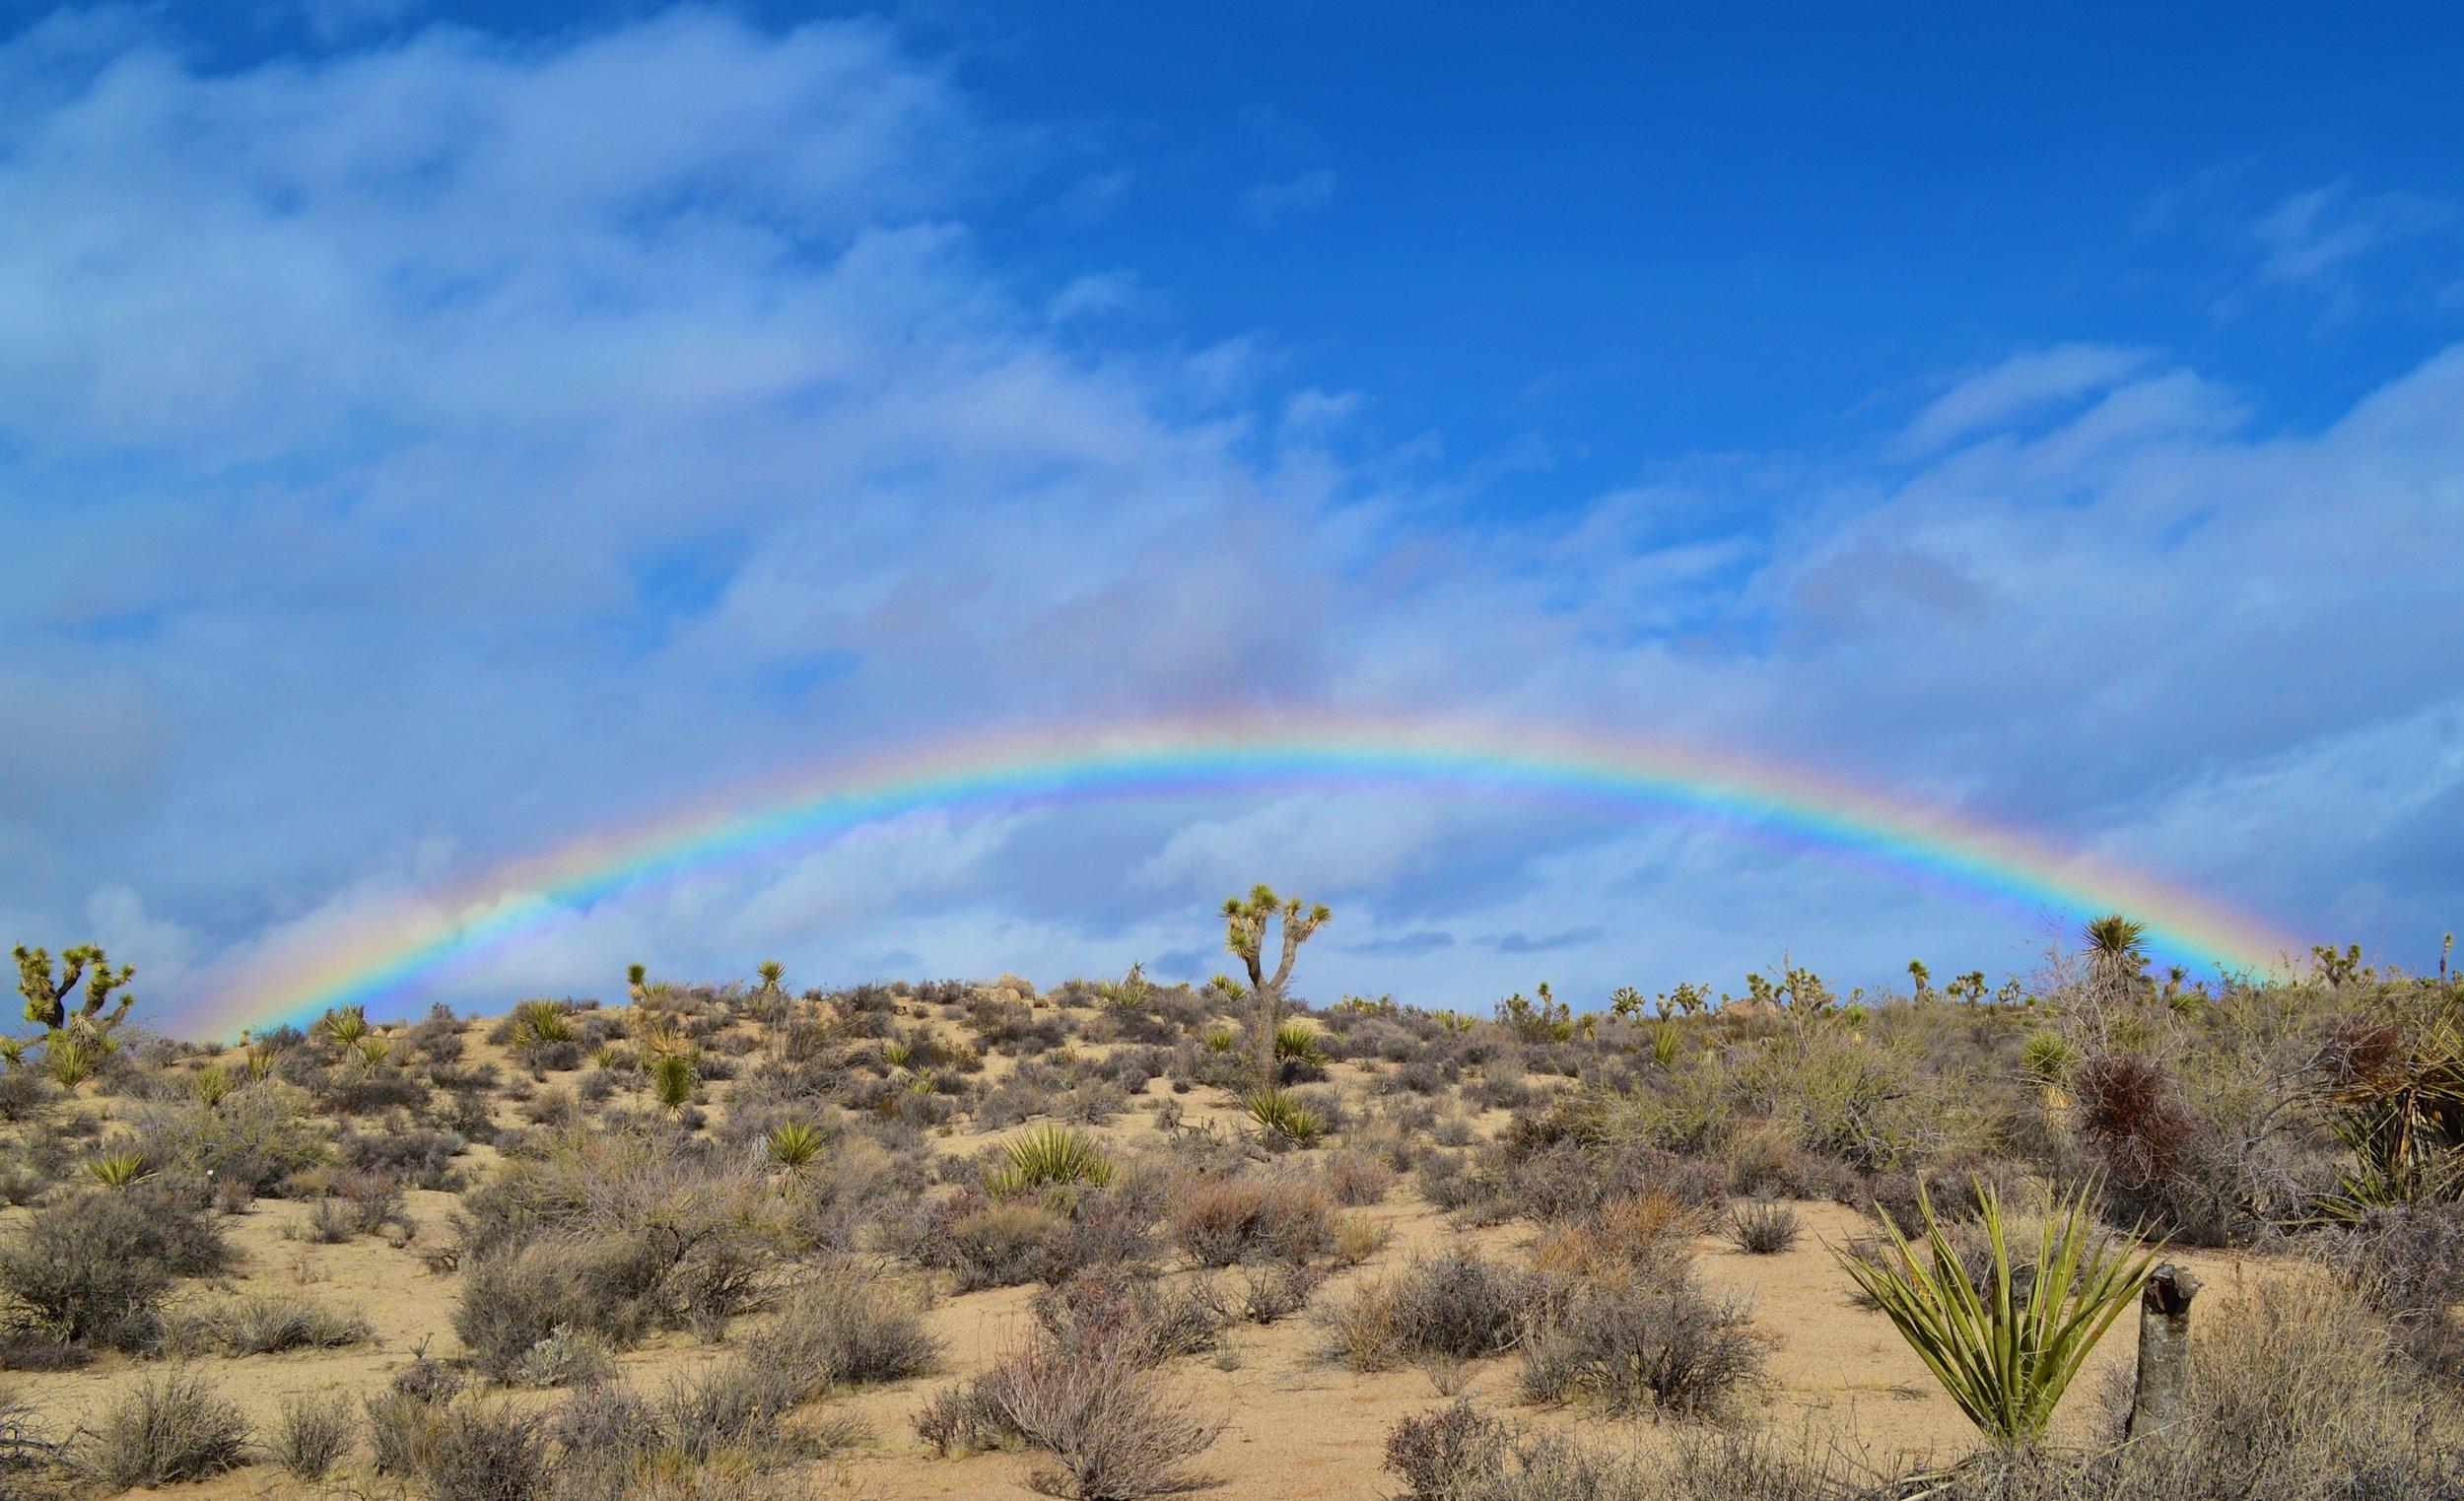 Joshua Tree National Park in the Mojave Desert